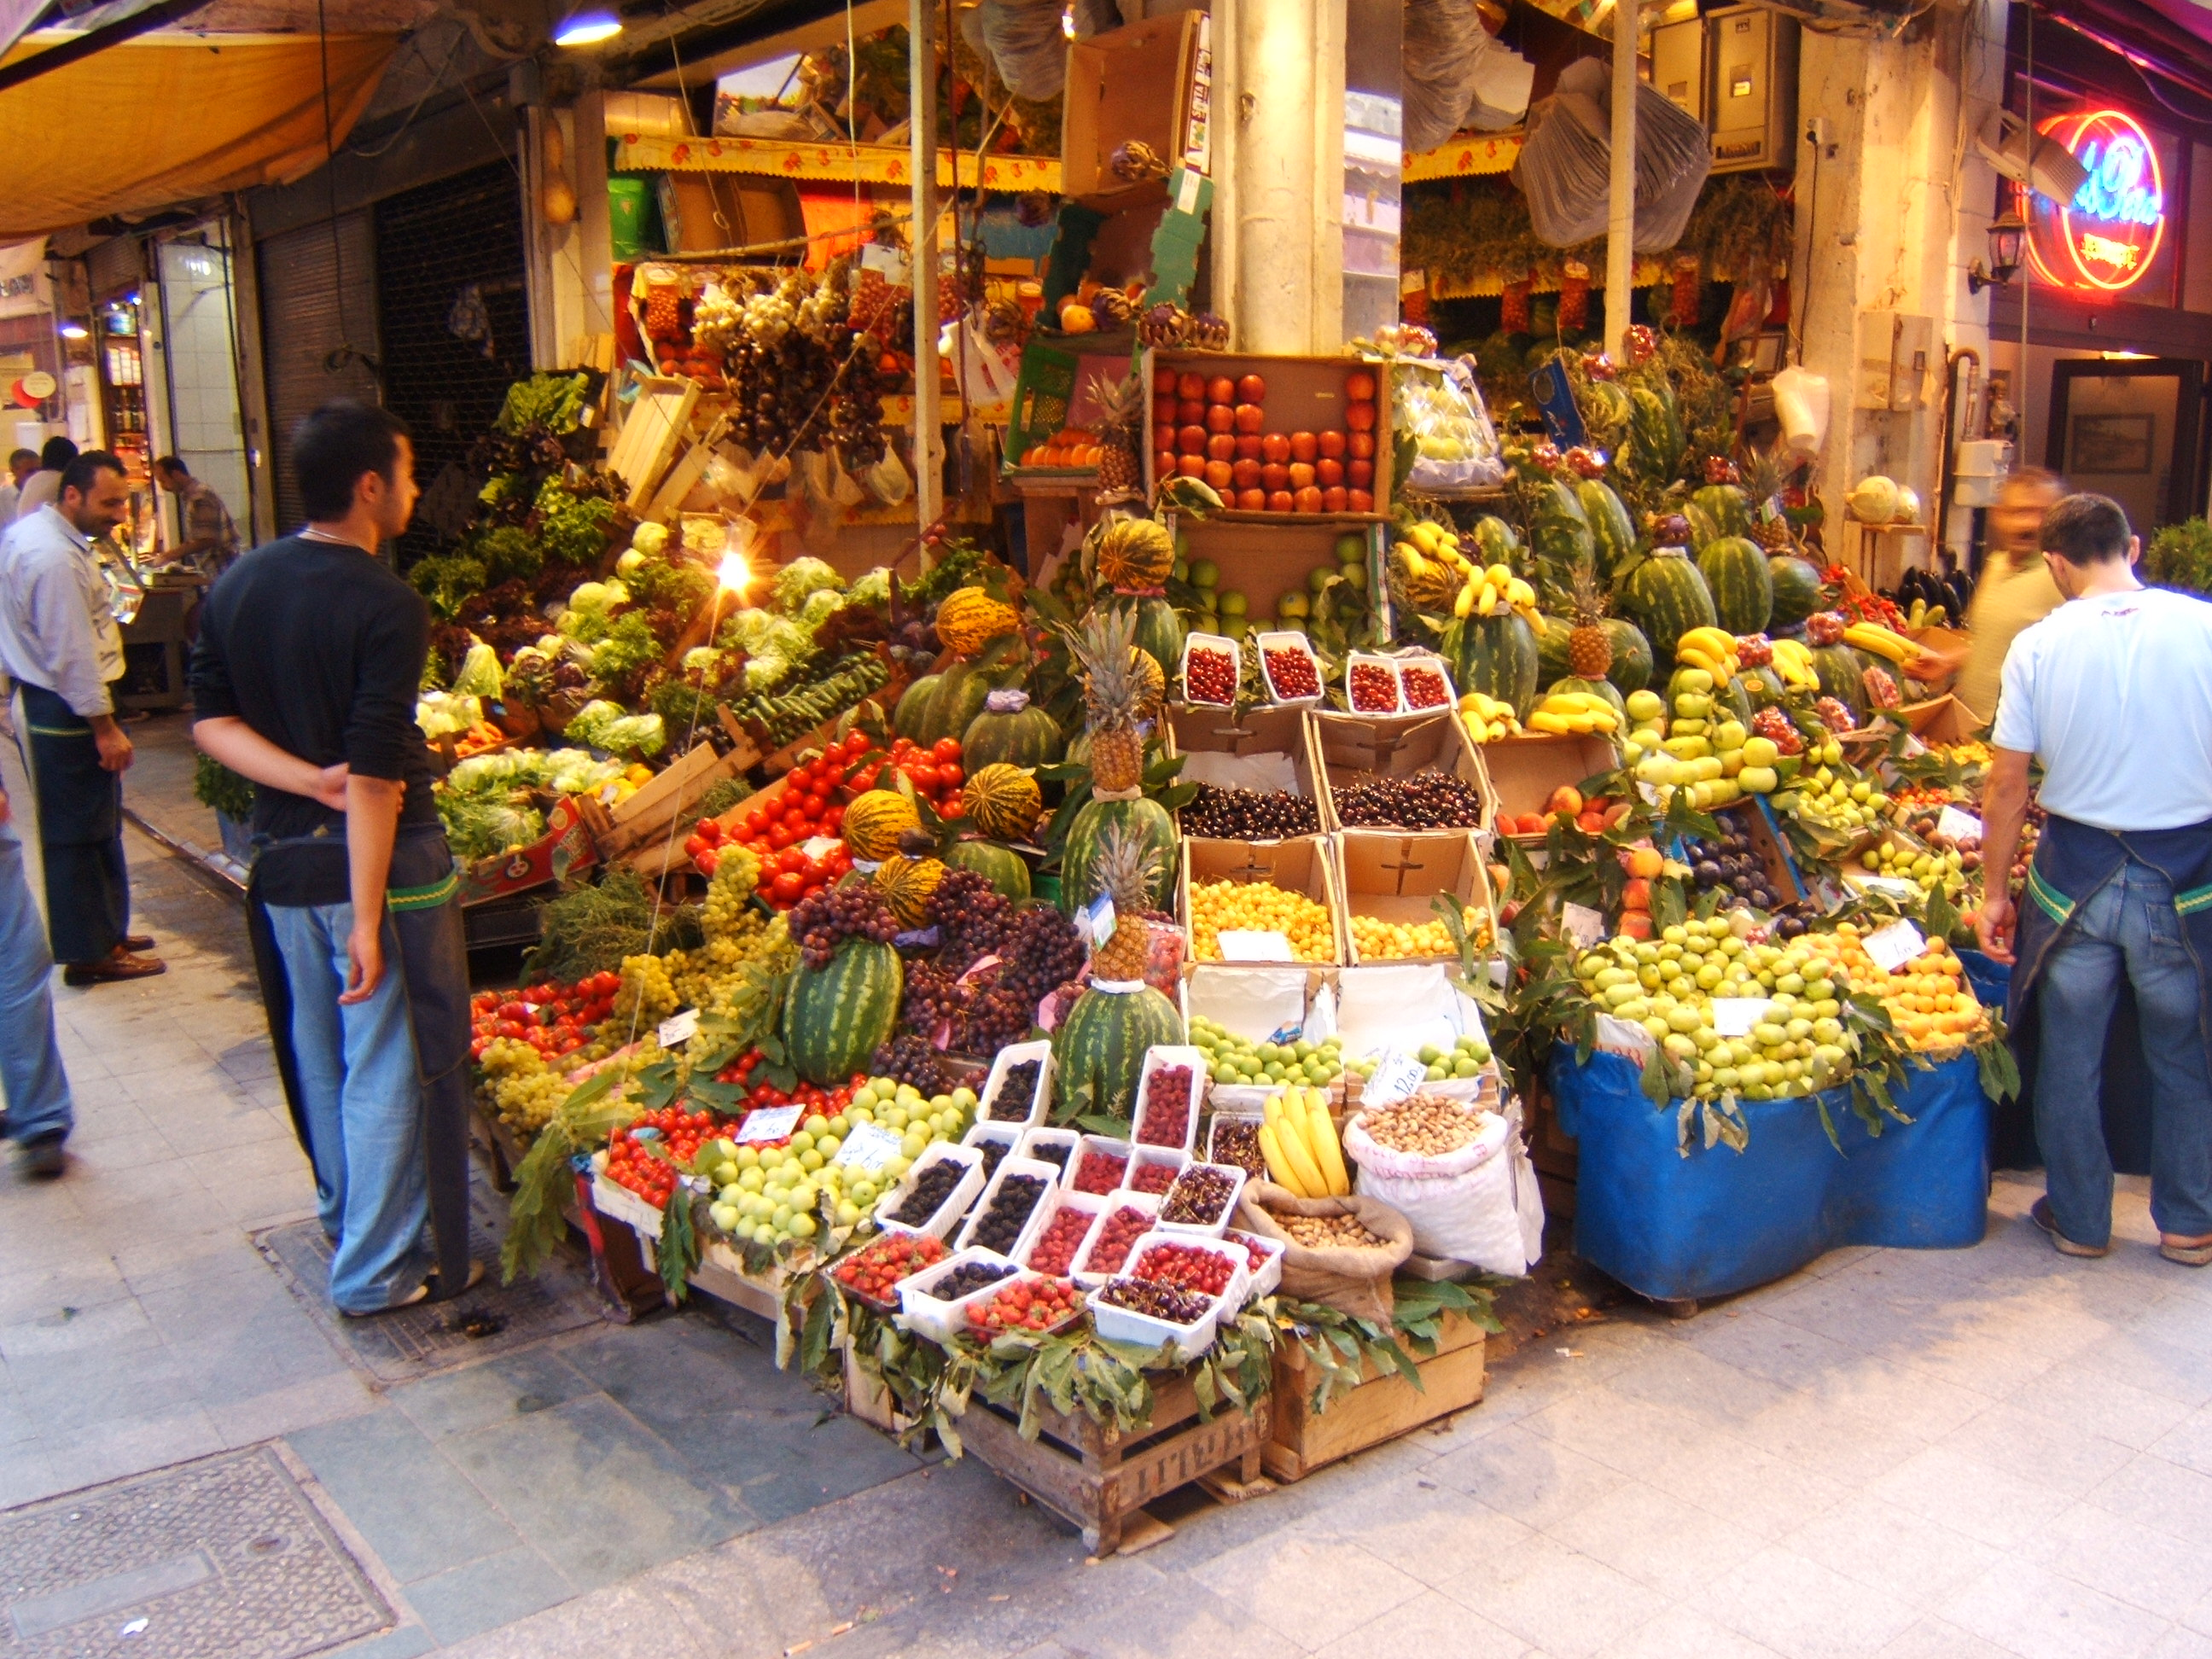 Istanbul Market Kuopio